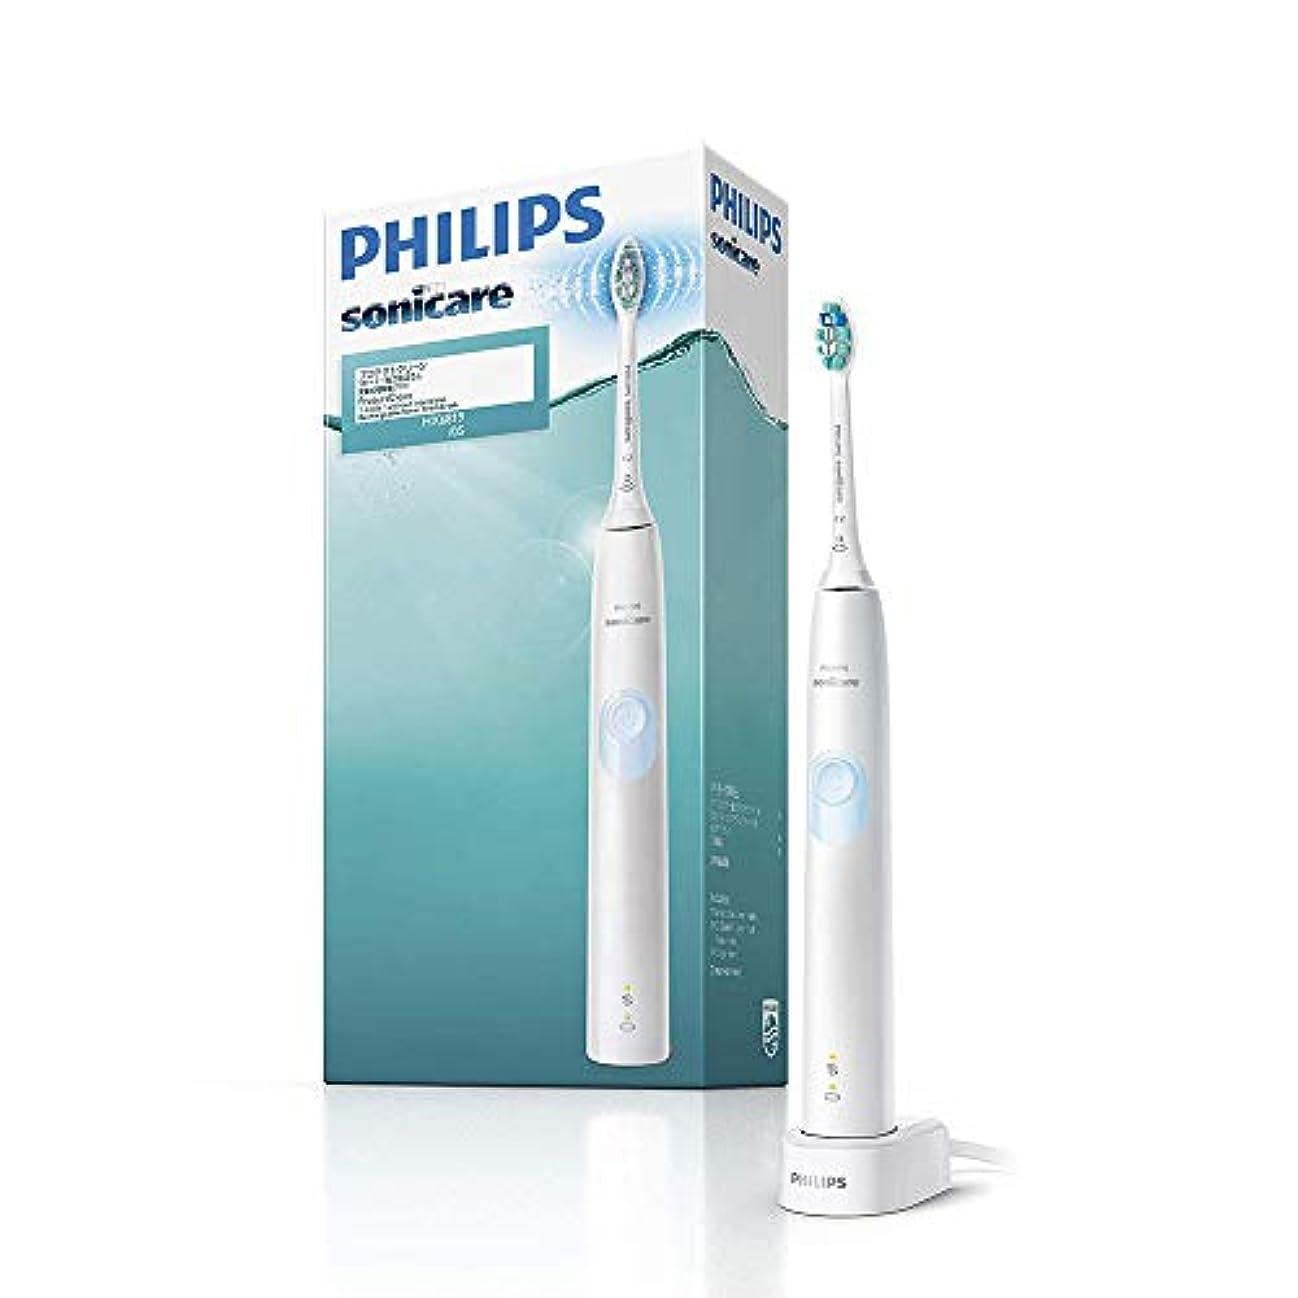 ワイン欠員比較的【Amazon.co.jp限定】フィリップス ソニッケアー プロテクトクリーン ホワイトライトブルー 電動歯ブラシ 強さ設定なし HX6819/05